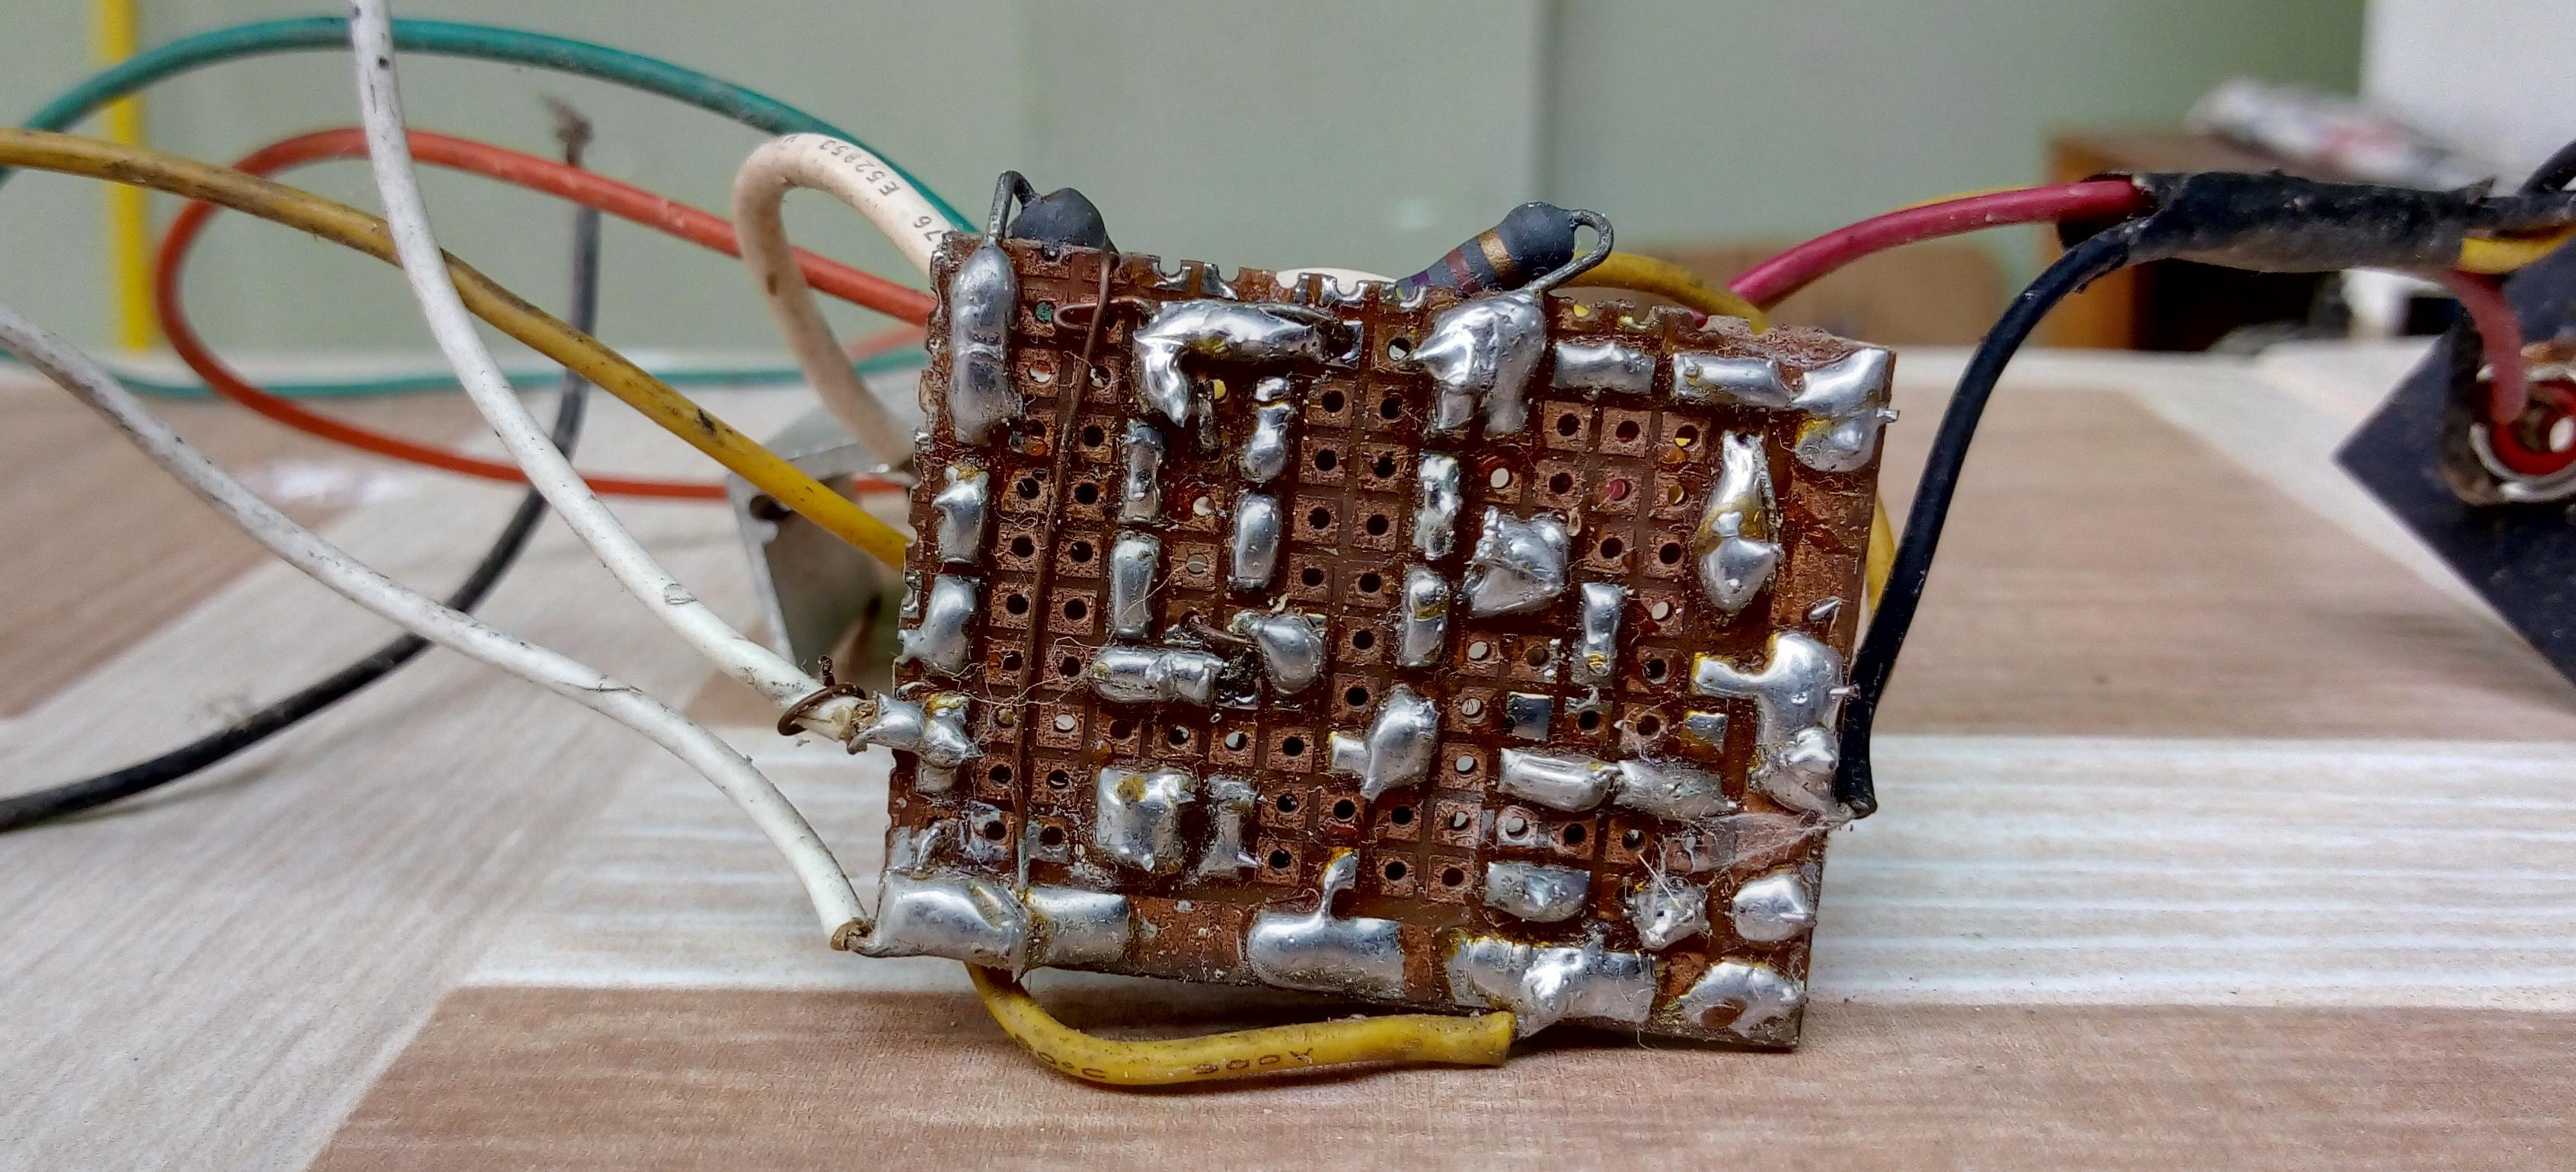 10 dicas para montar um bom amplificador